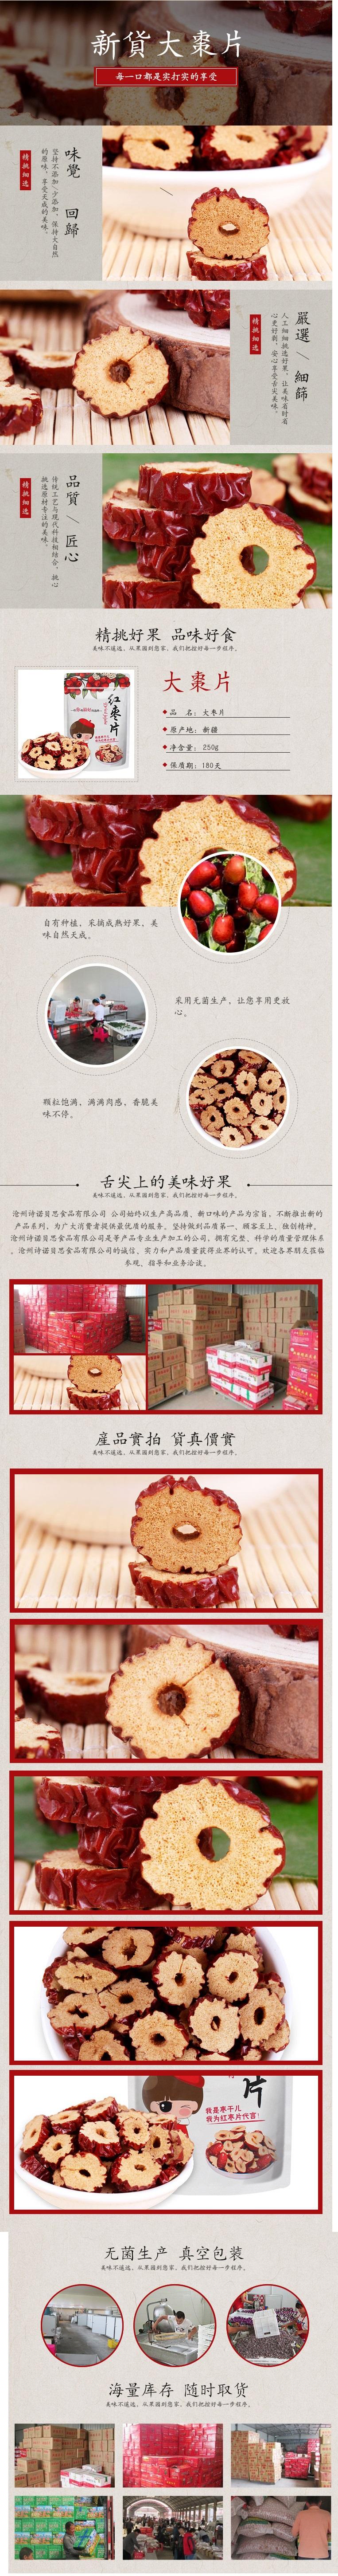 新疆特产  红枣片若羌红枣圈灰枣干给你我最好的选择250克大枣片